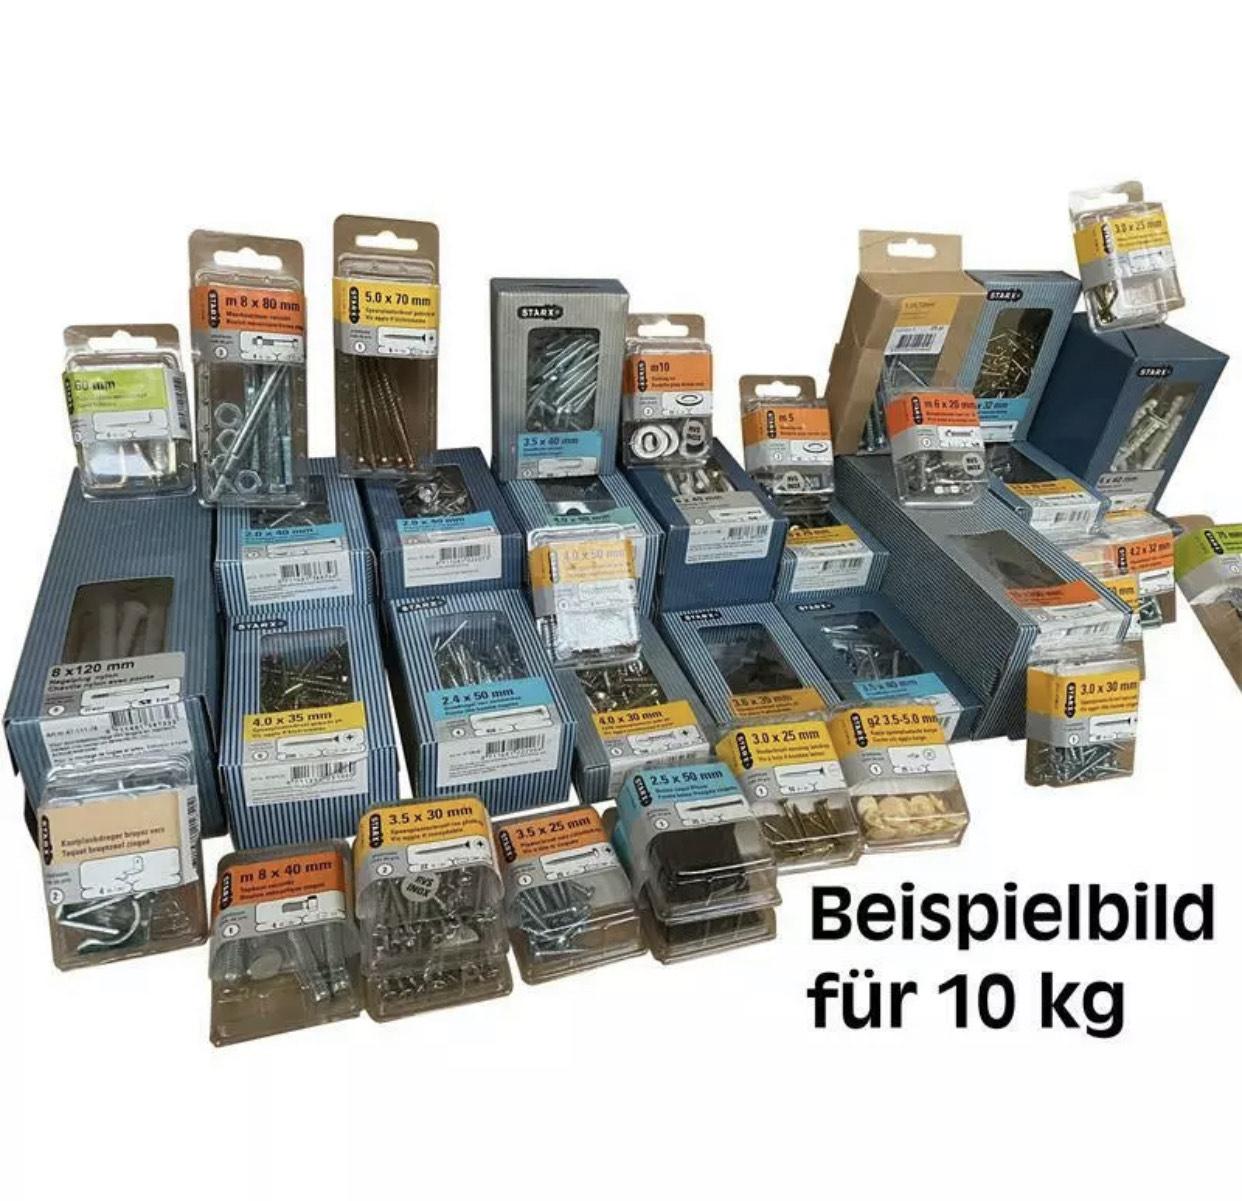 10 kg Schrauben Sechskantschrauben Nägel Spannplattenschrauben Posten Restposten